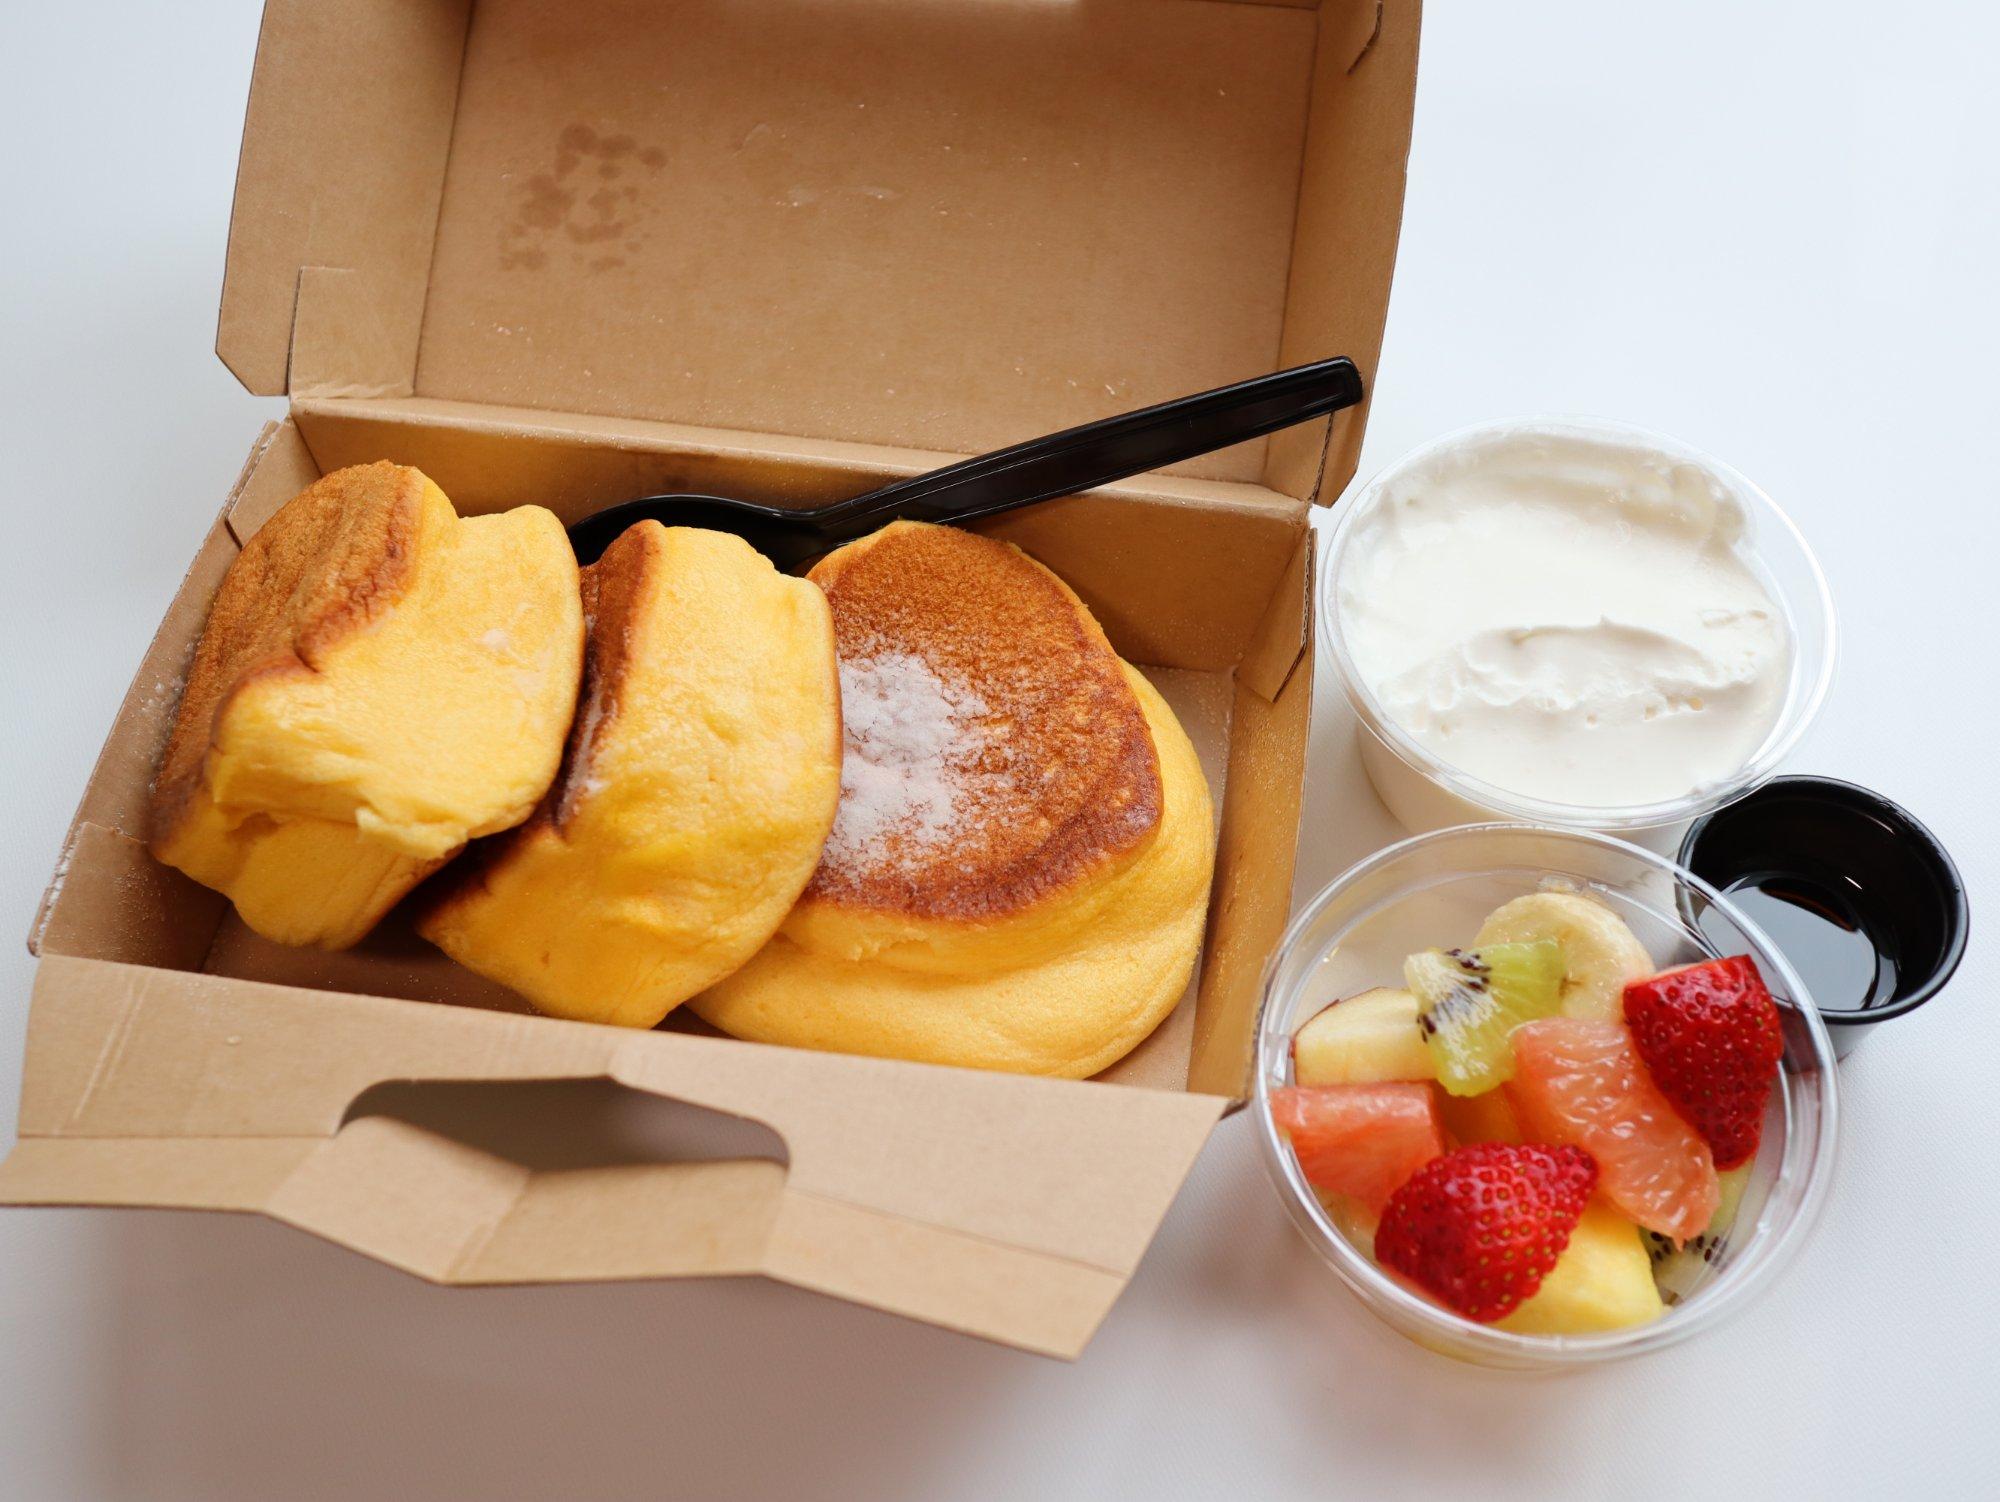 menuで注文したパンケーキ